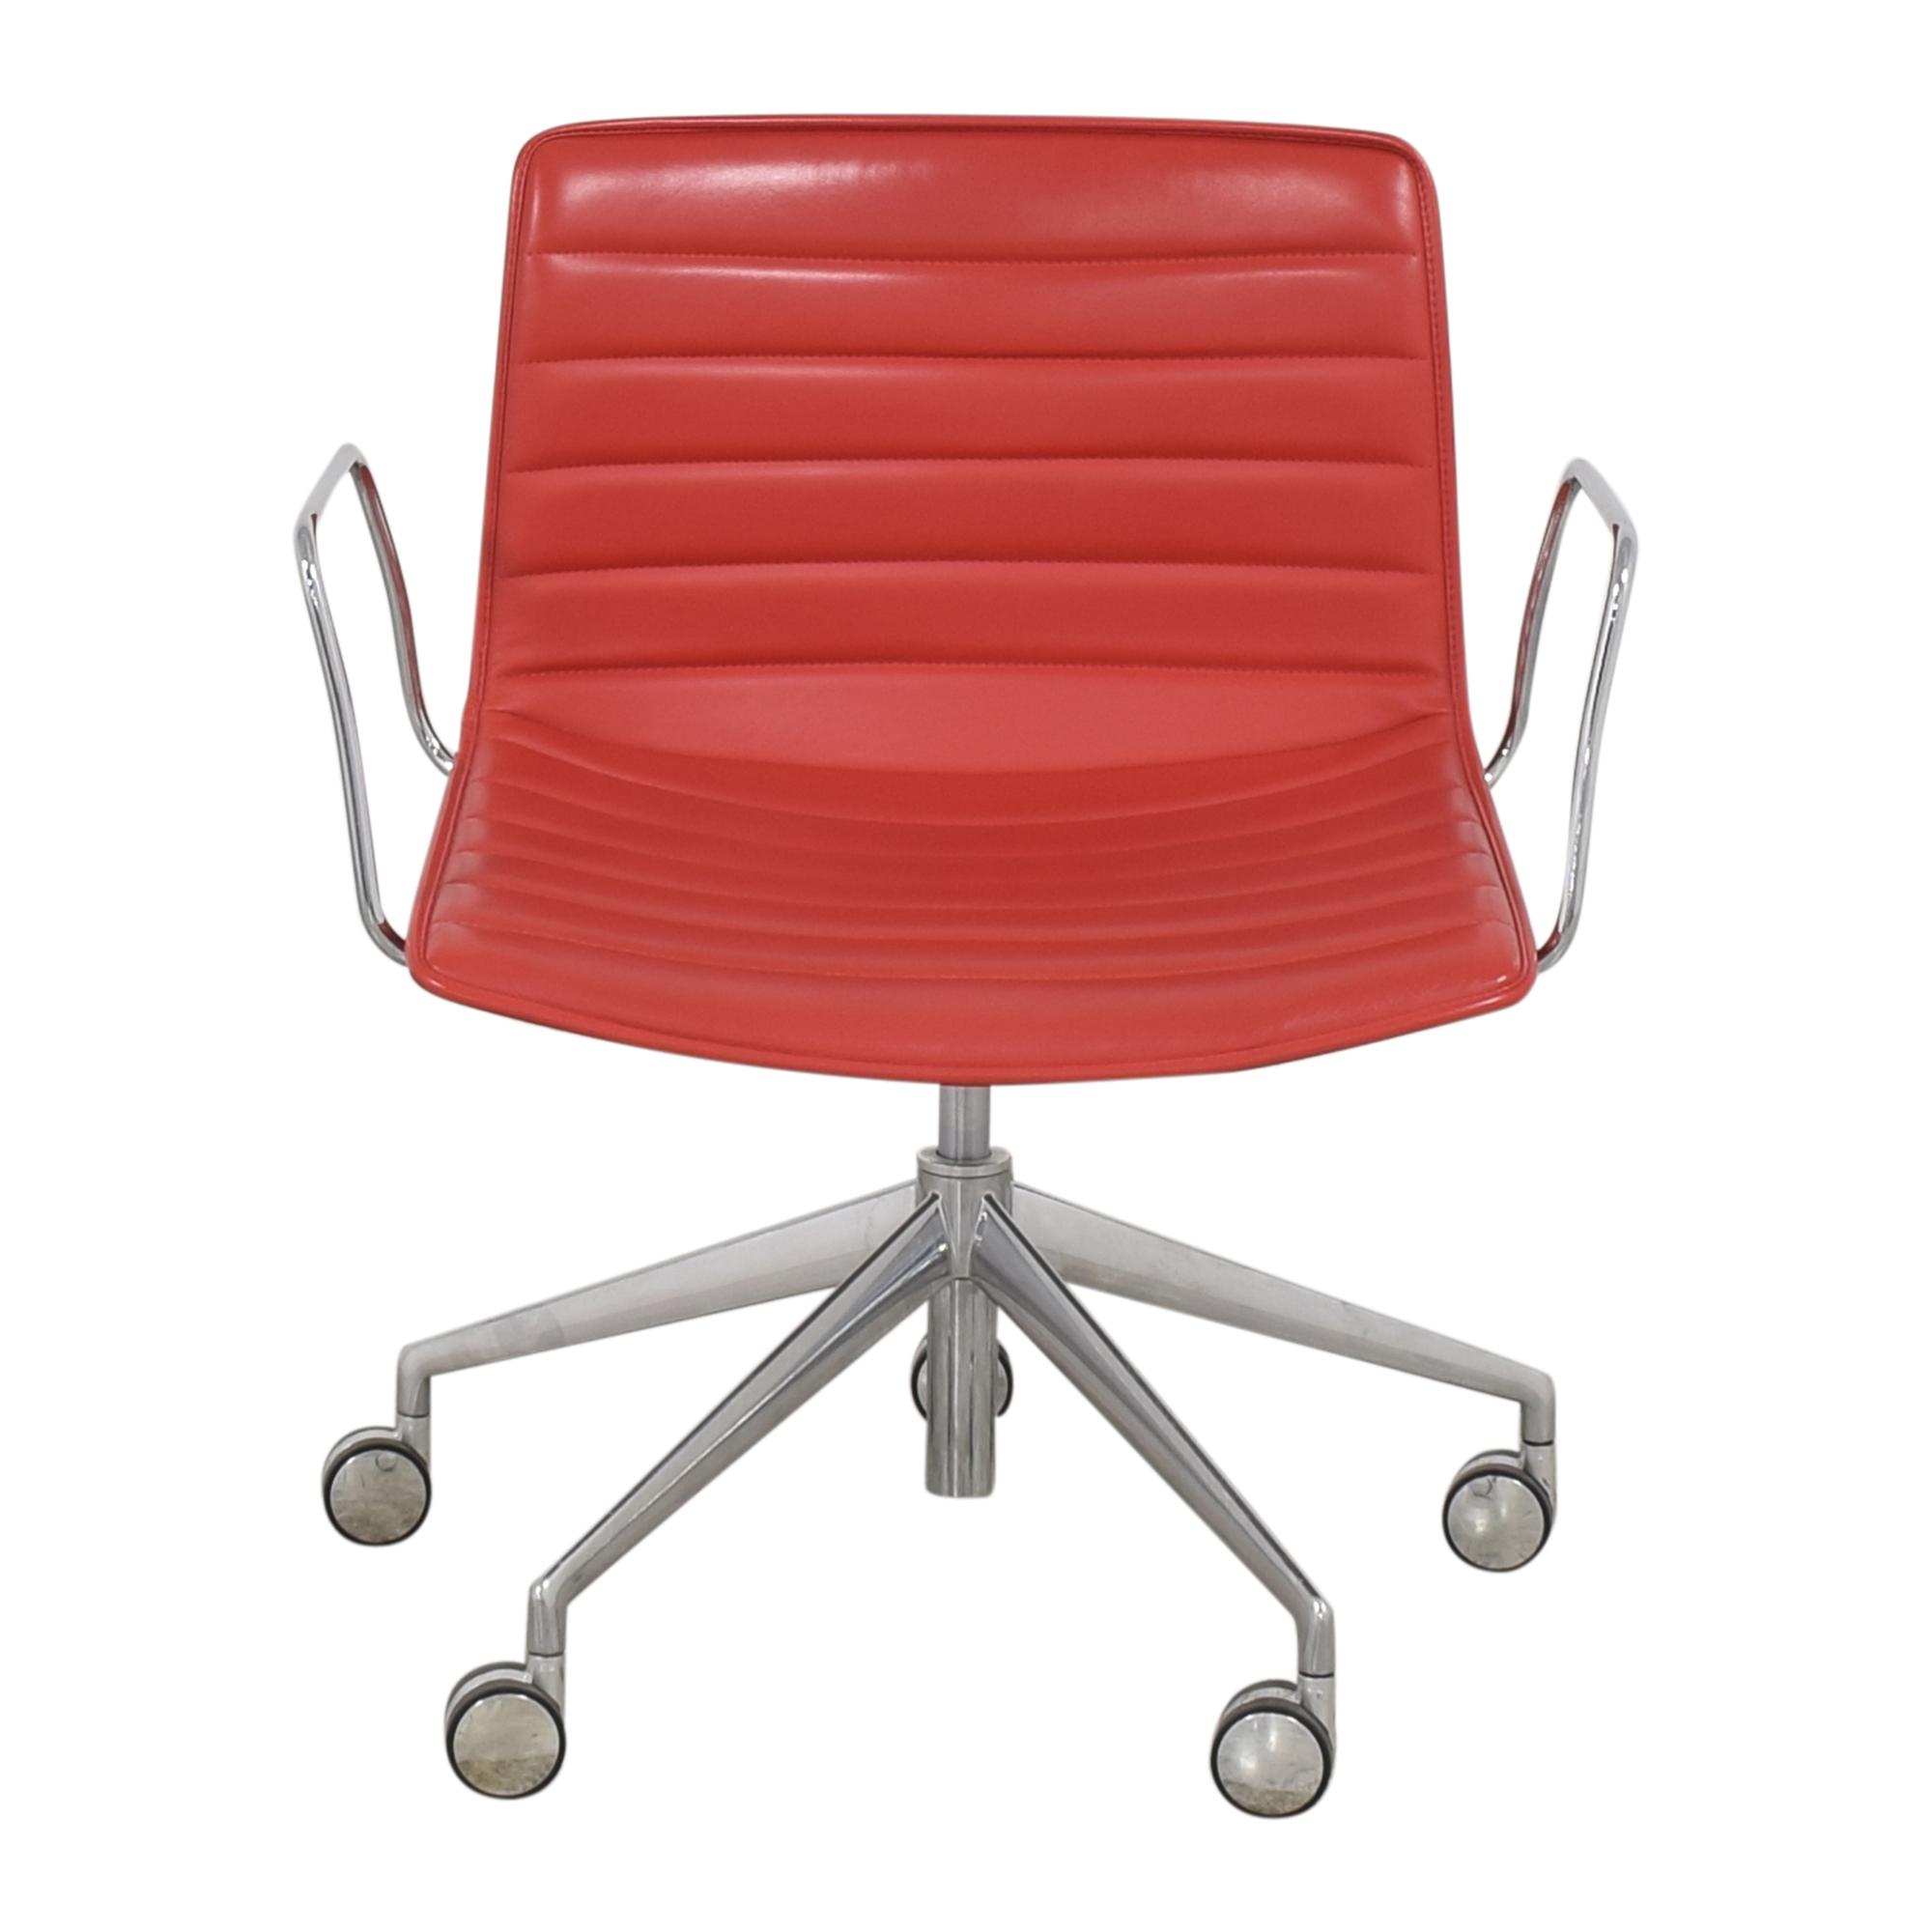 Gordon International Gordon International Catifa Arm Chair